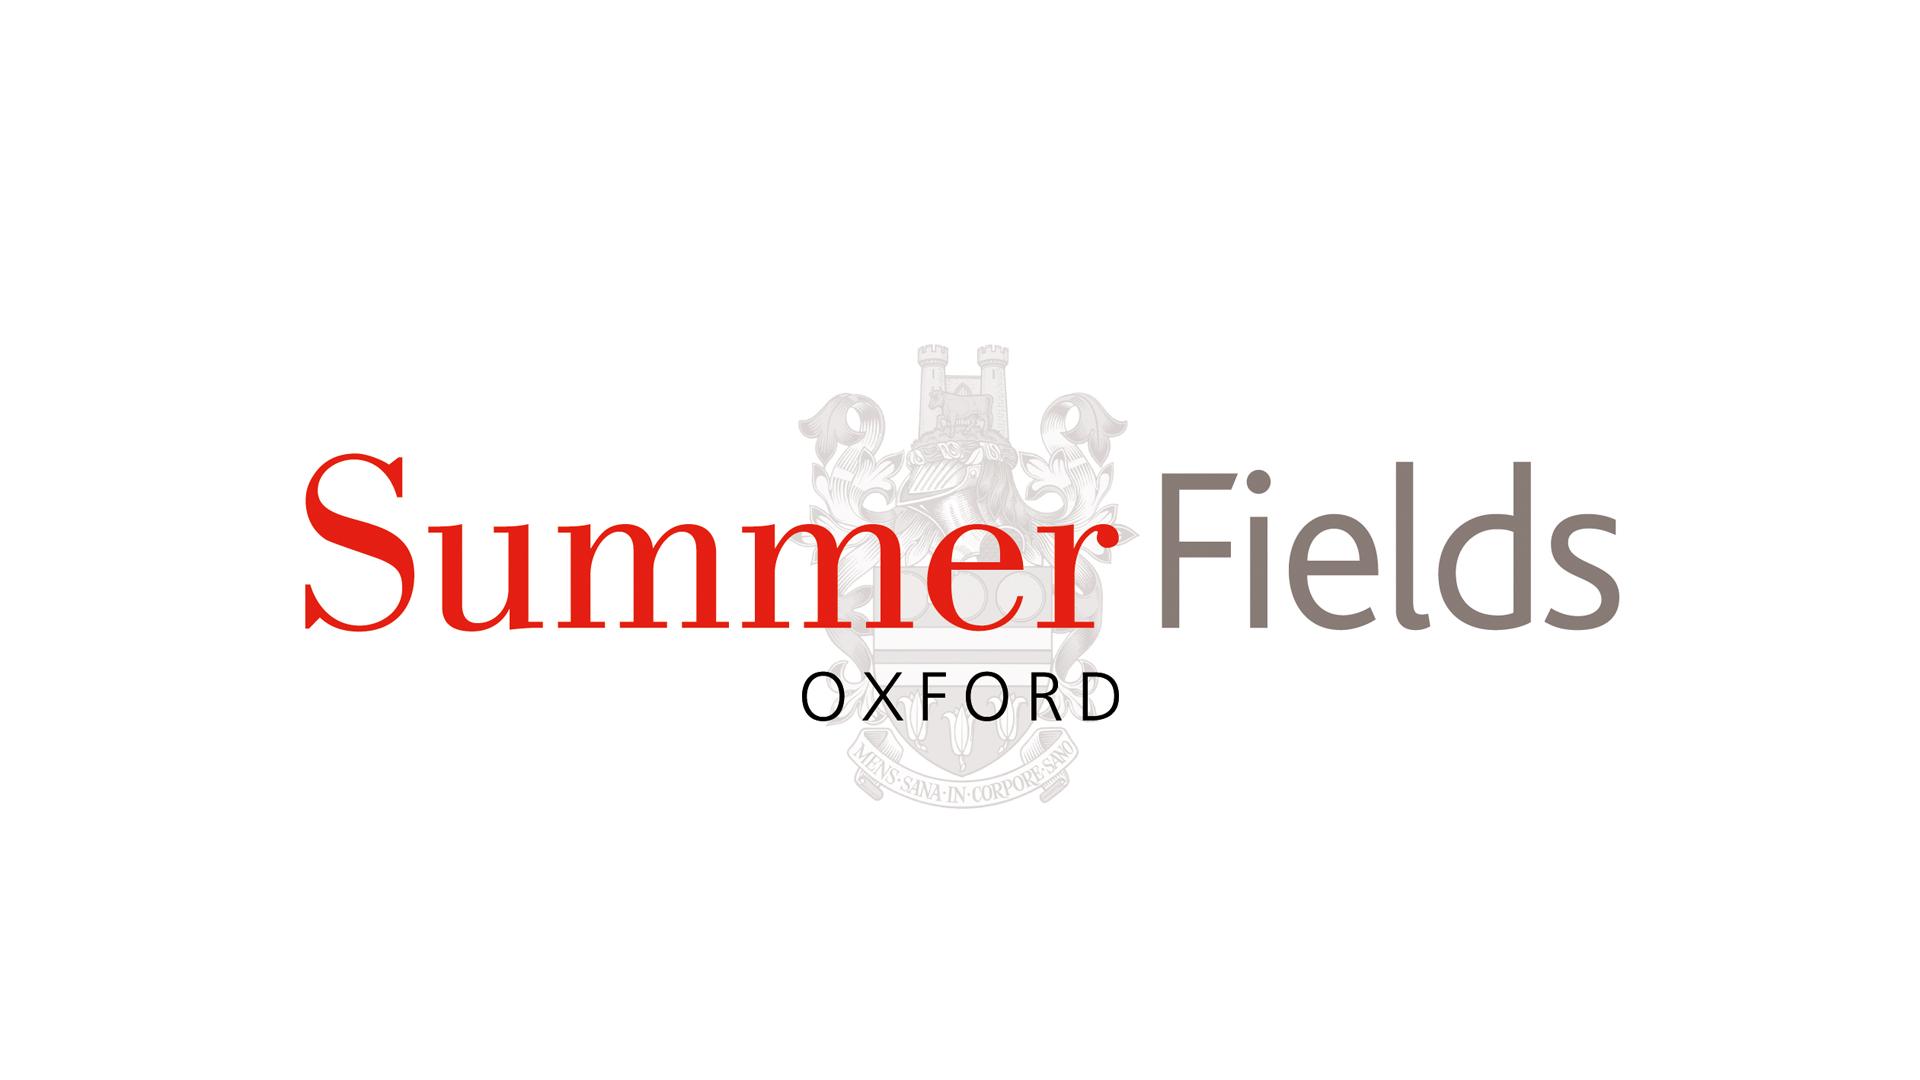 Boys - Summer-Fields-Oxford-White-Logo.jpg